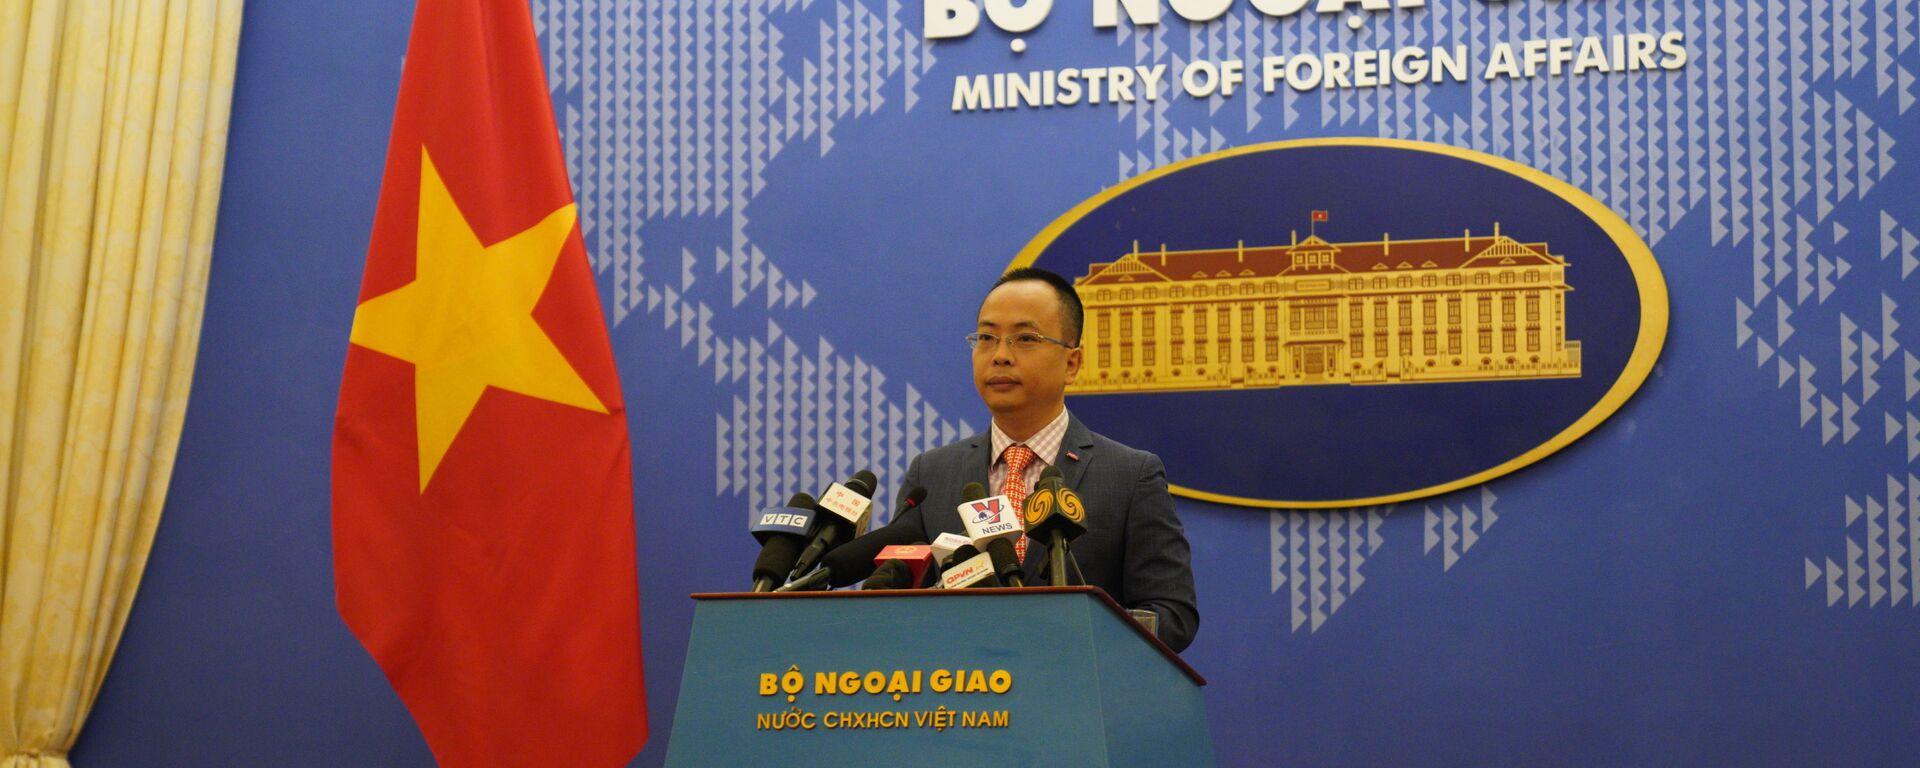 Phó phát ngôn viên Bộ Ngoại giao Việt Nam, ông Đoàn Khắc Việt tại họp báo thường kỳ ngày 29/04.  - Sputnik Việt Nam, 1920, 09.09.2021